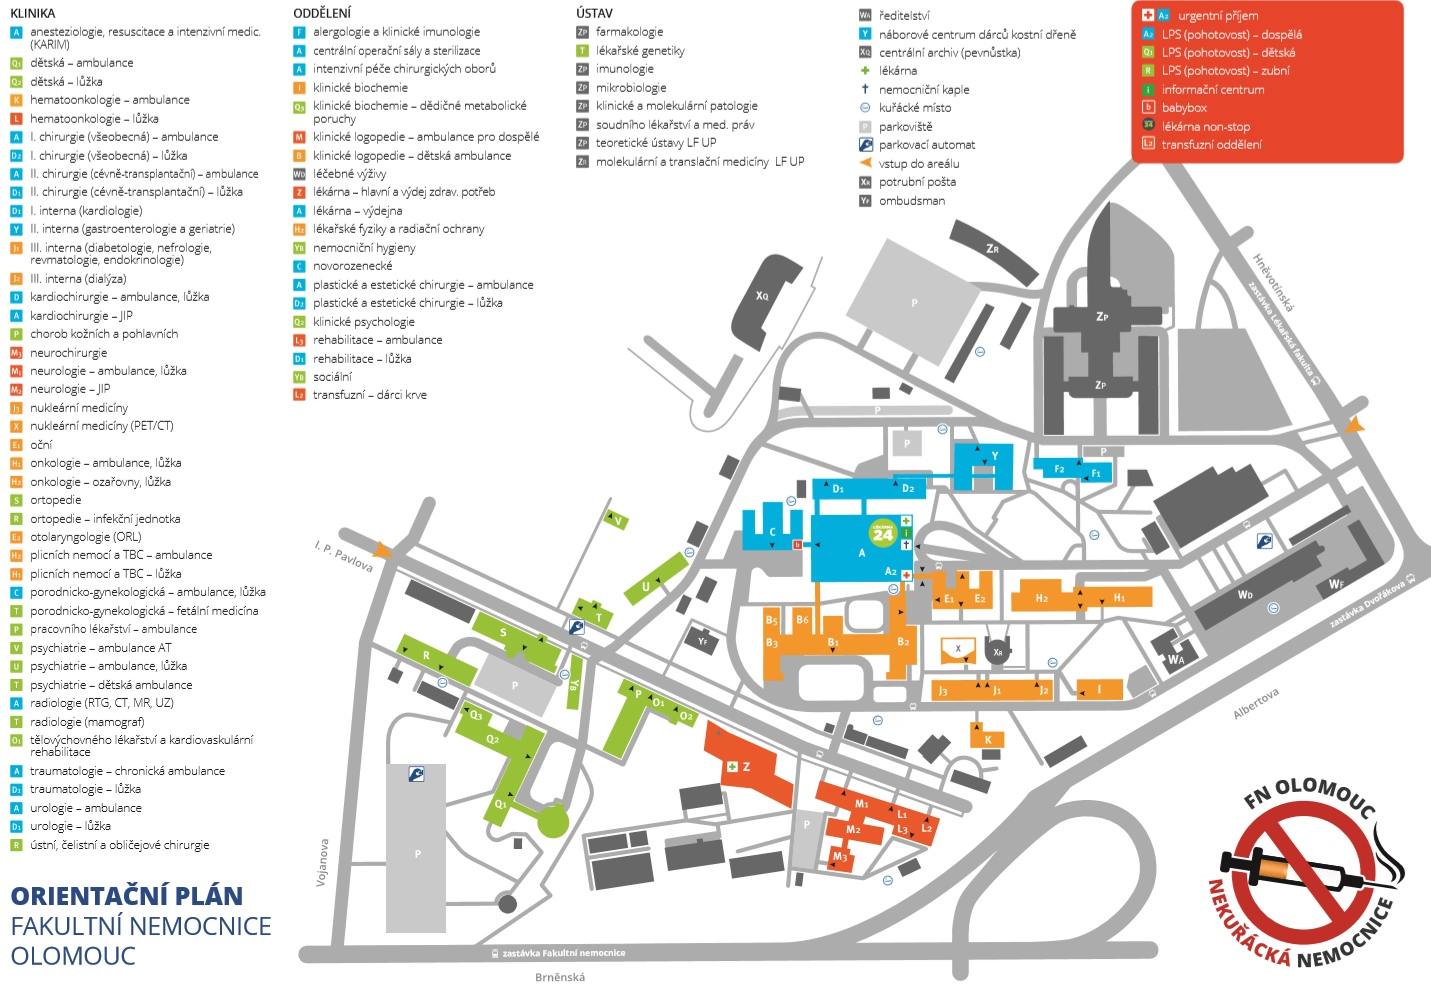 Fakultní nemocnice Olomouc mapa areálu